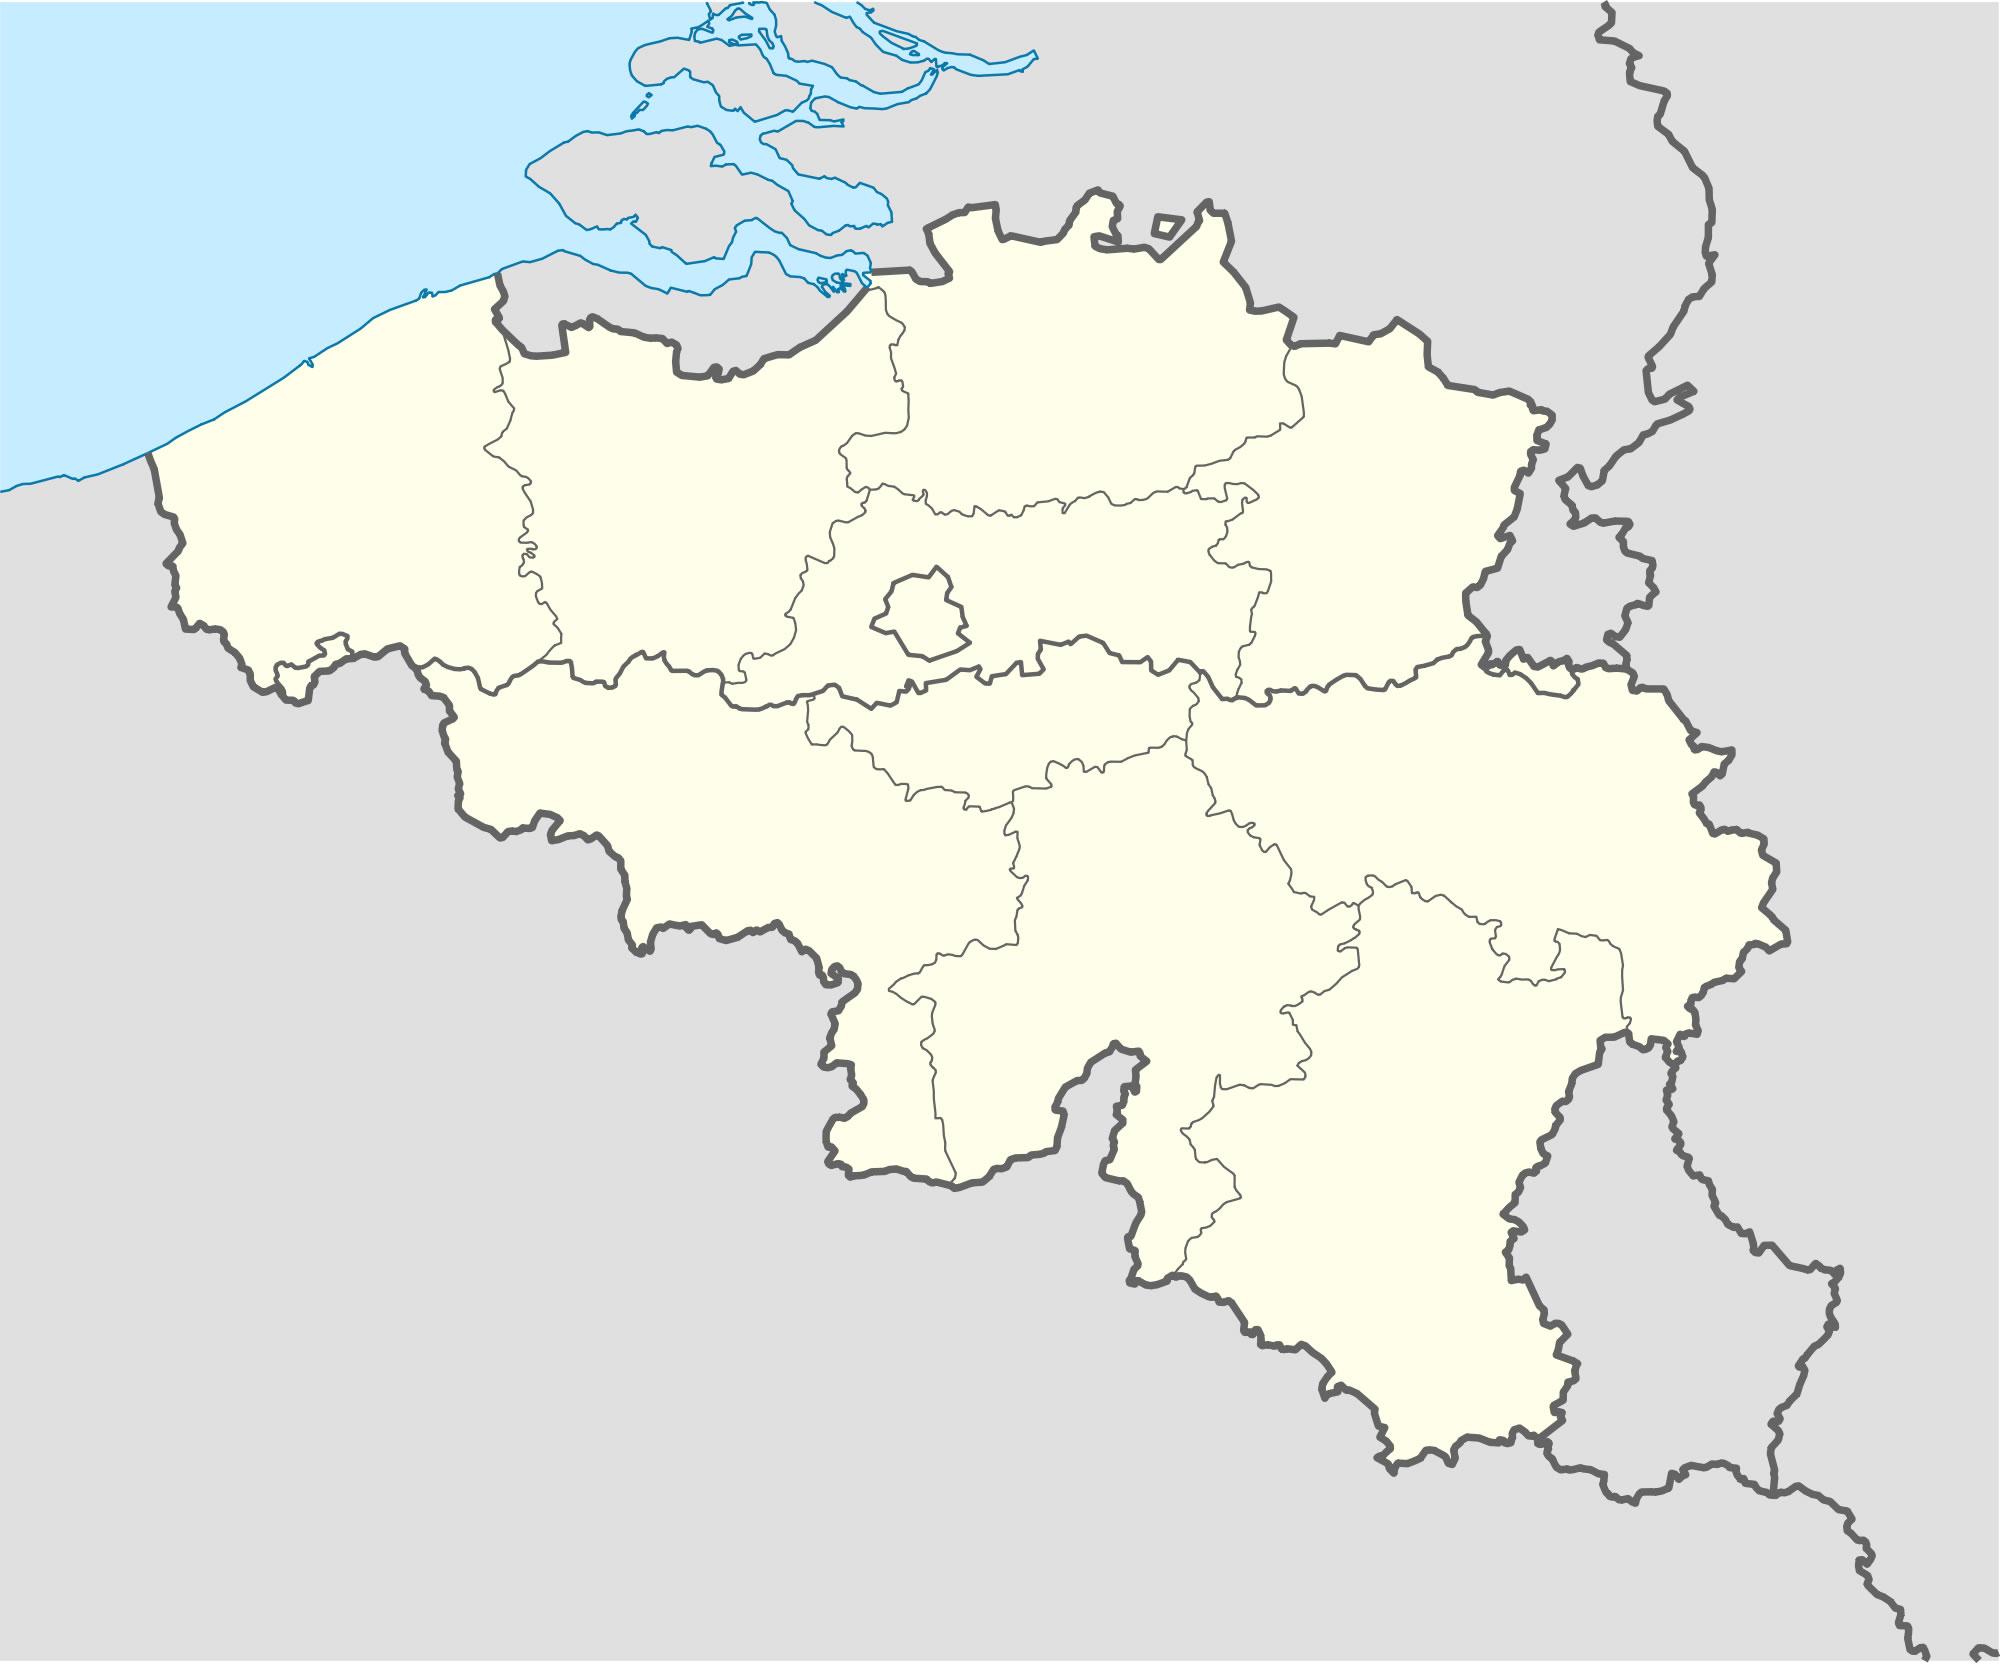 Carte Belgique Vierge Régions, Carte Vierge Des Régions De dedans Carte Des Régions Vierge